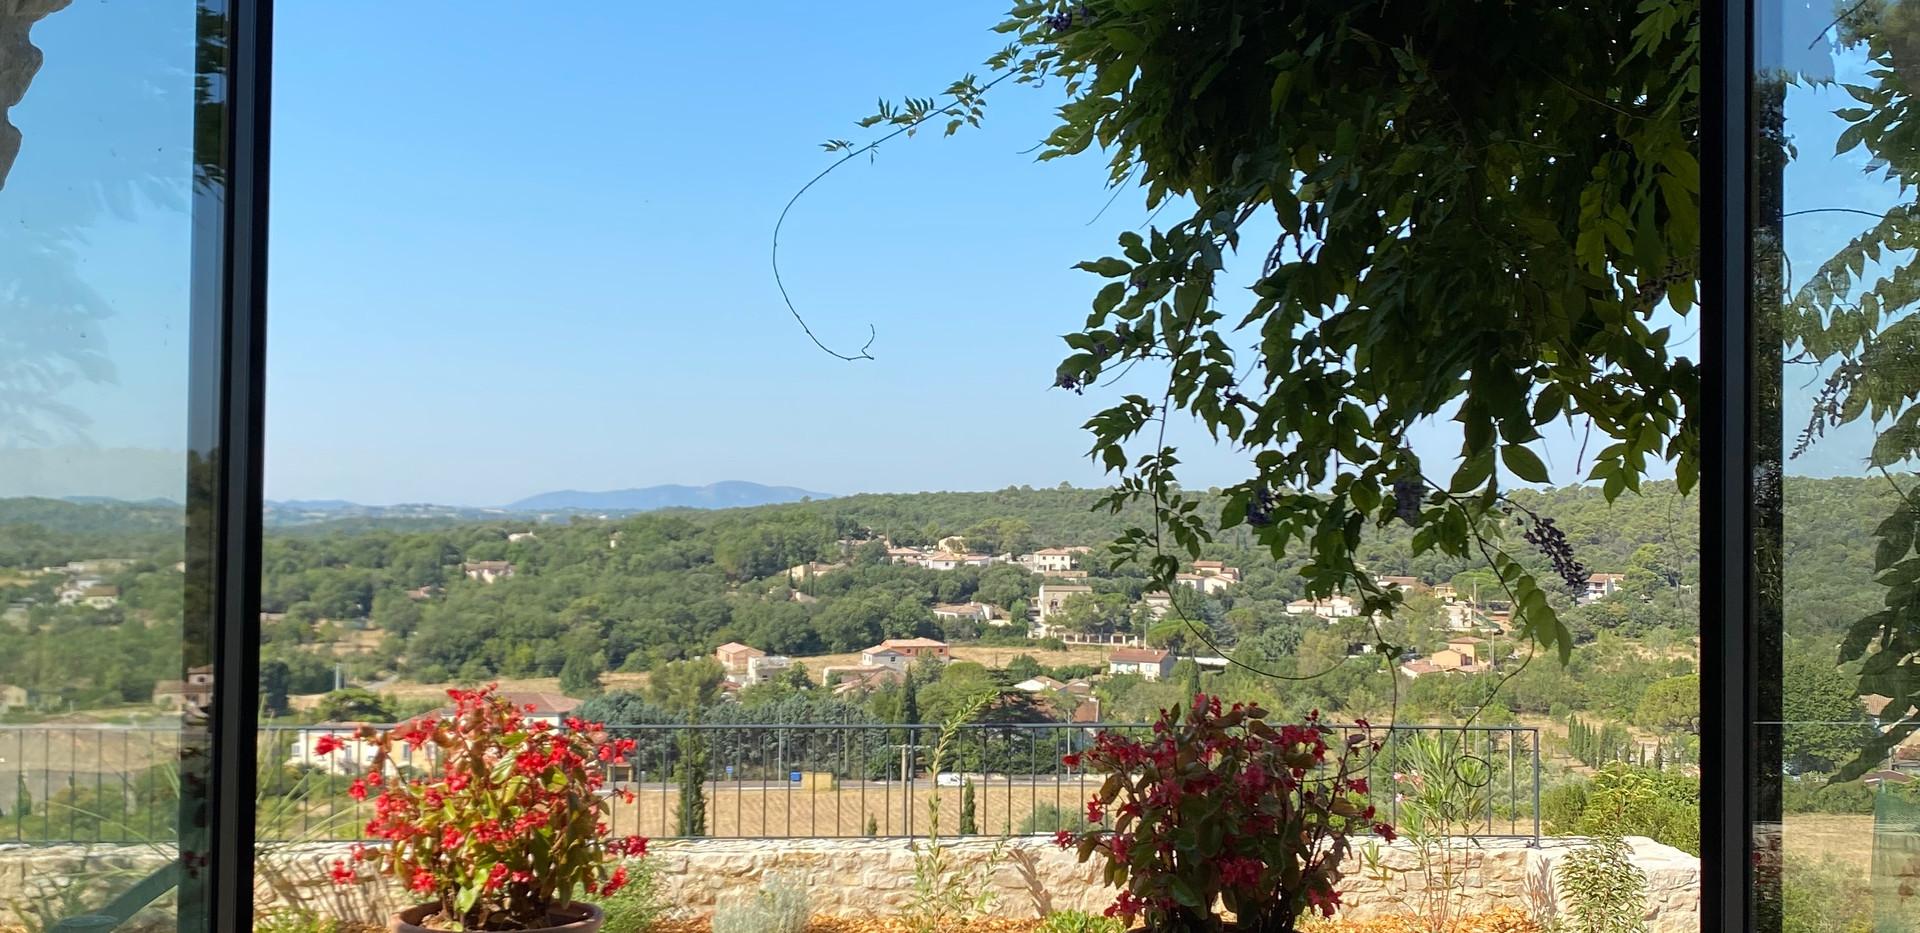 Le Gite, sa terrasse et sa vue